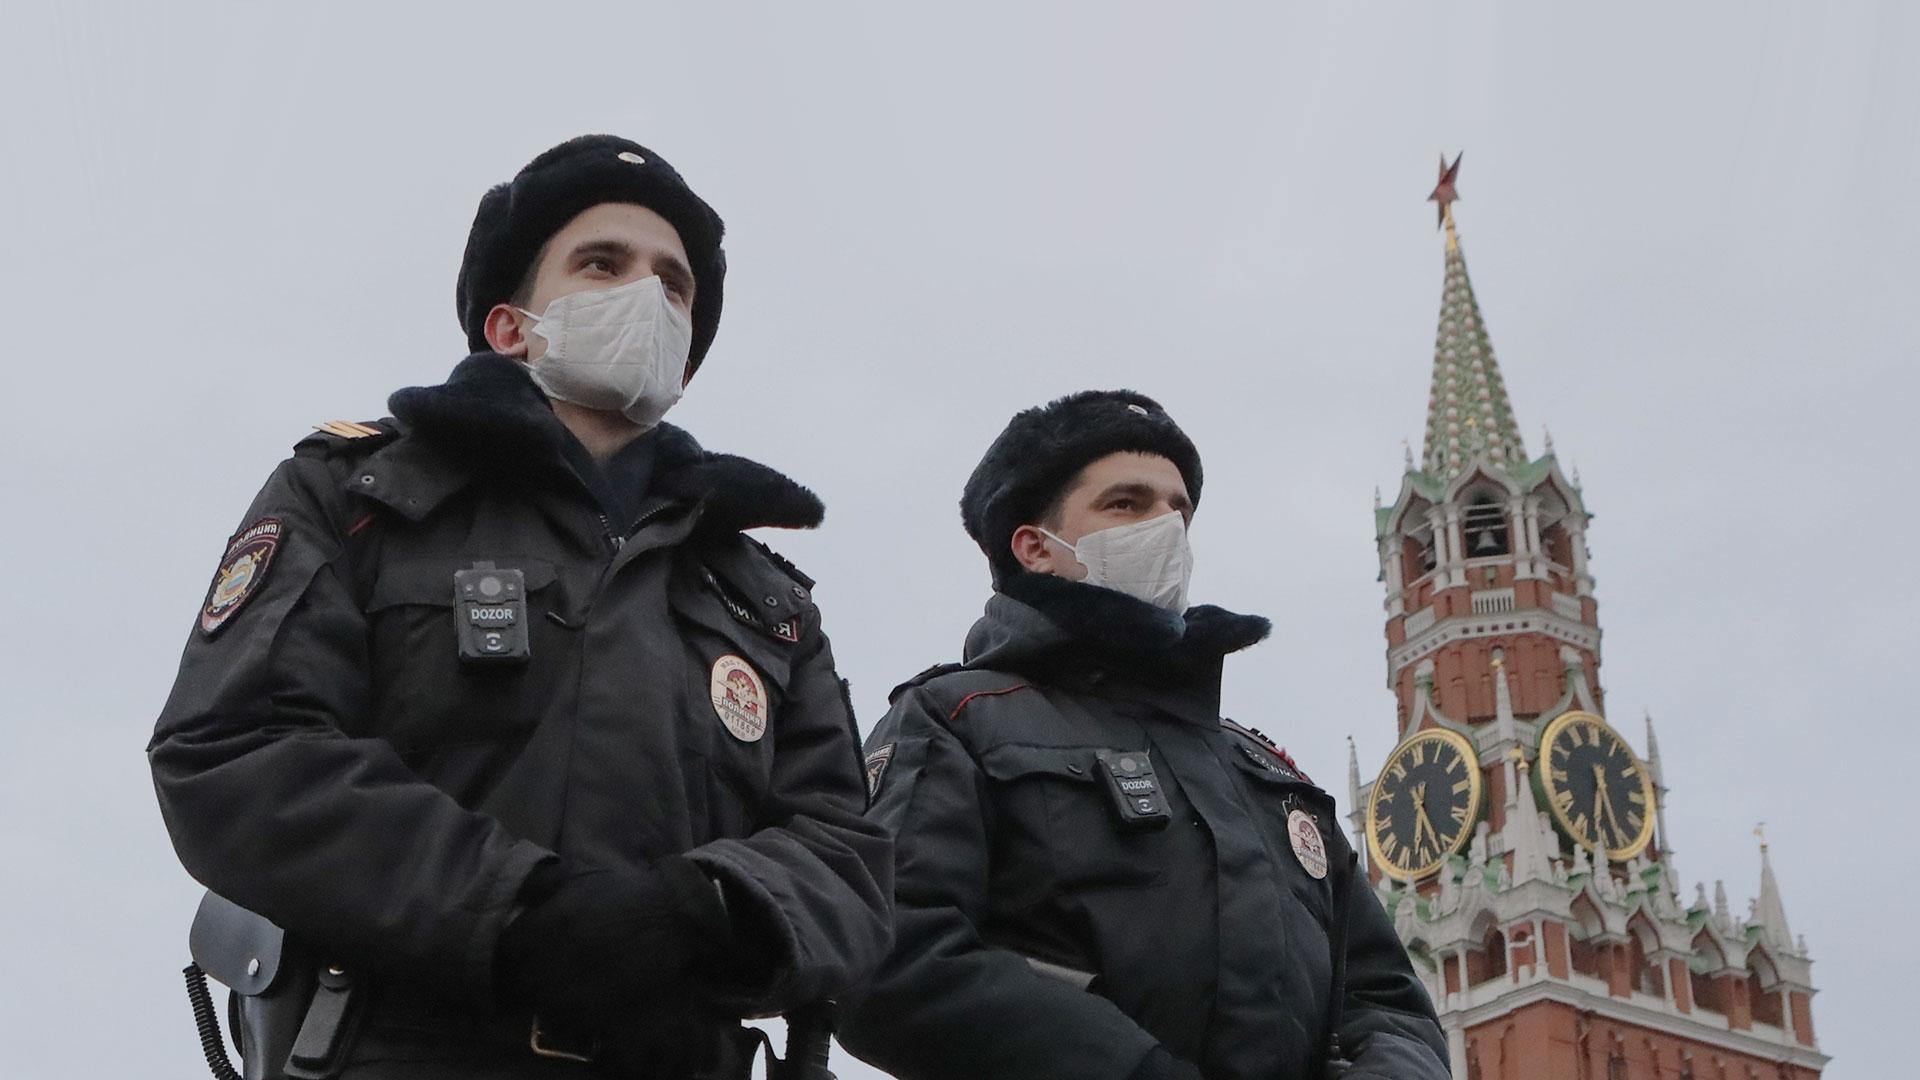 4 факта о том, как москвичи соблюдают карантин. Спойлер: неидеально